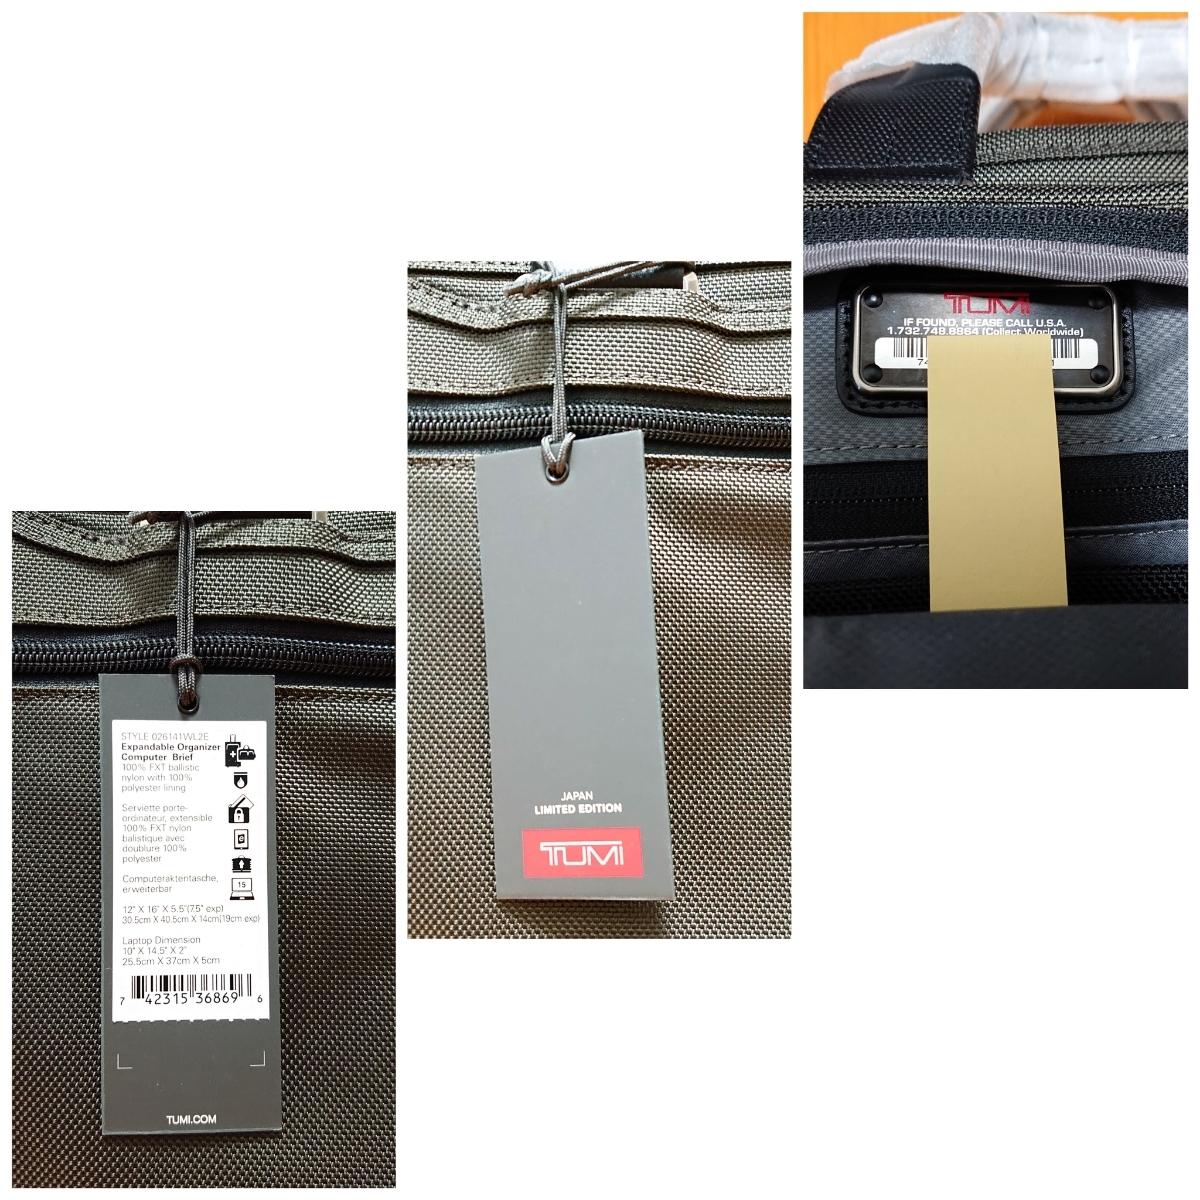 《新品未使用品》TUMI ブリーフケース ビジネスバッグ _画像10